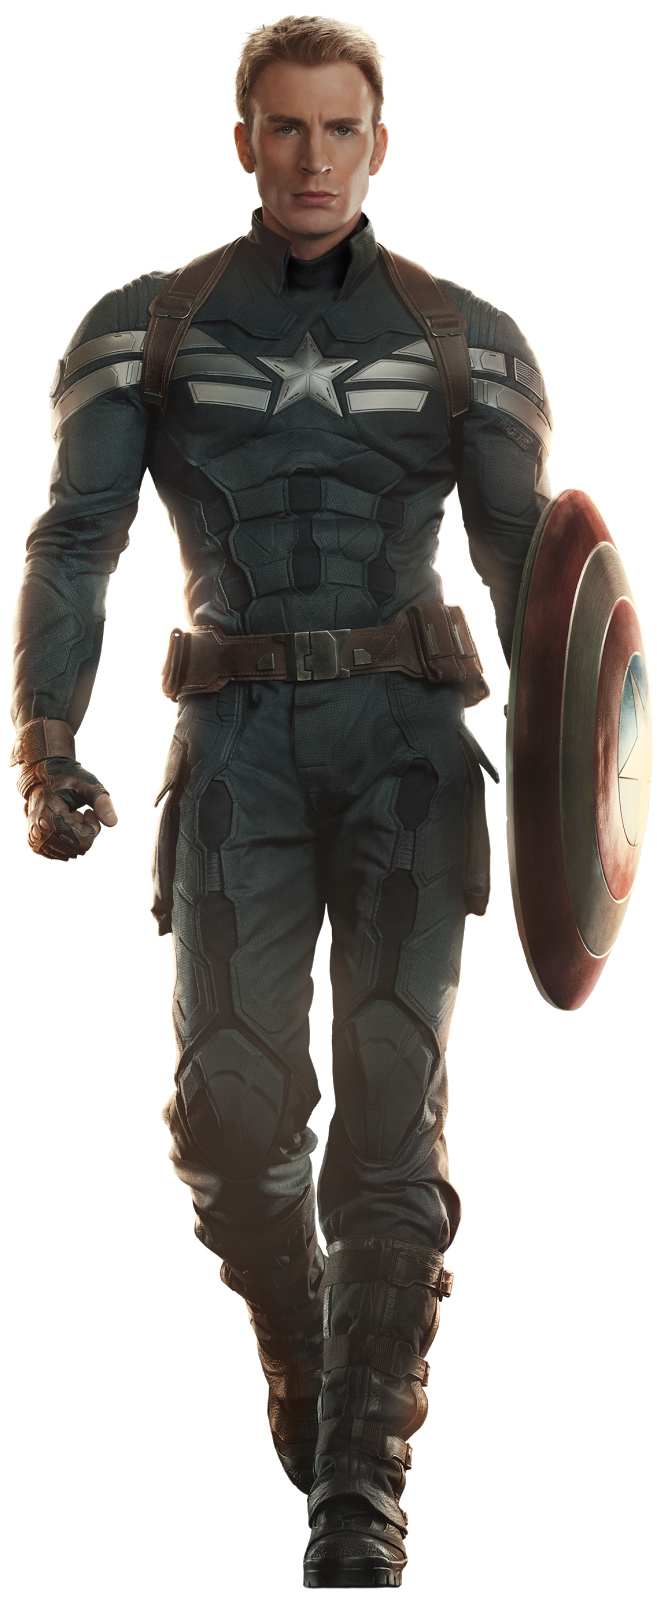 Captain Steve Rogers Protrait Png 657 1600 Captain America Cosplay Captain America Chris Evans Captain America